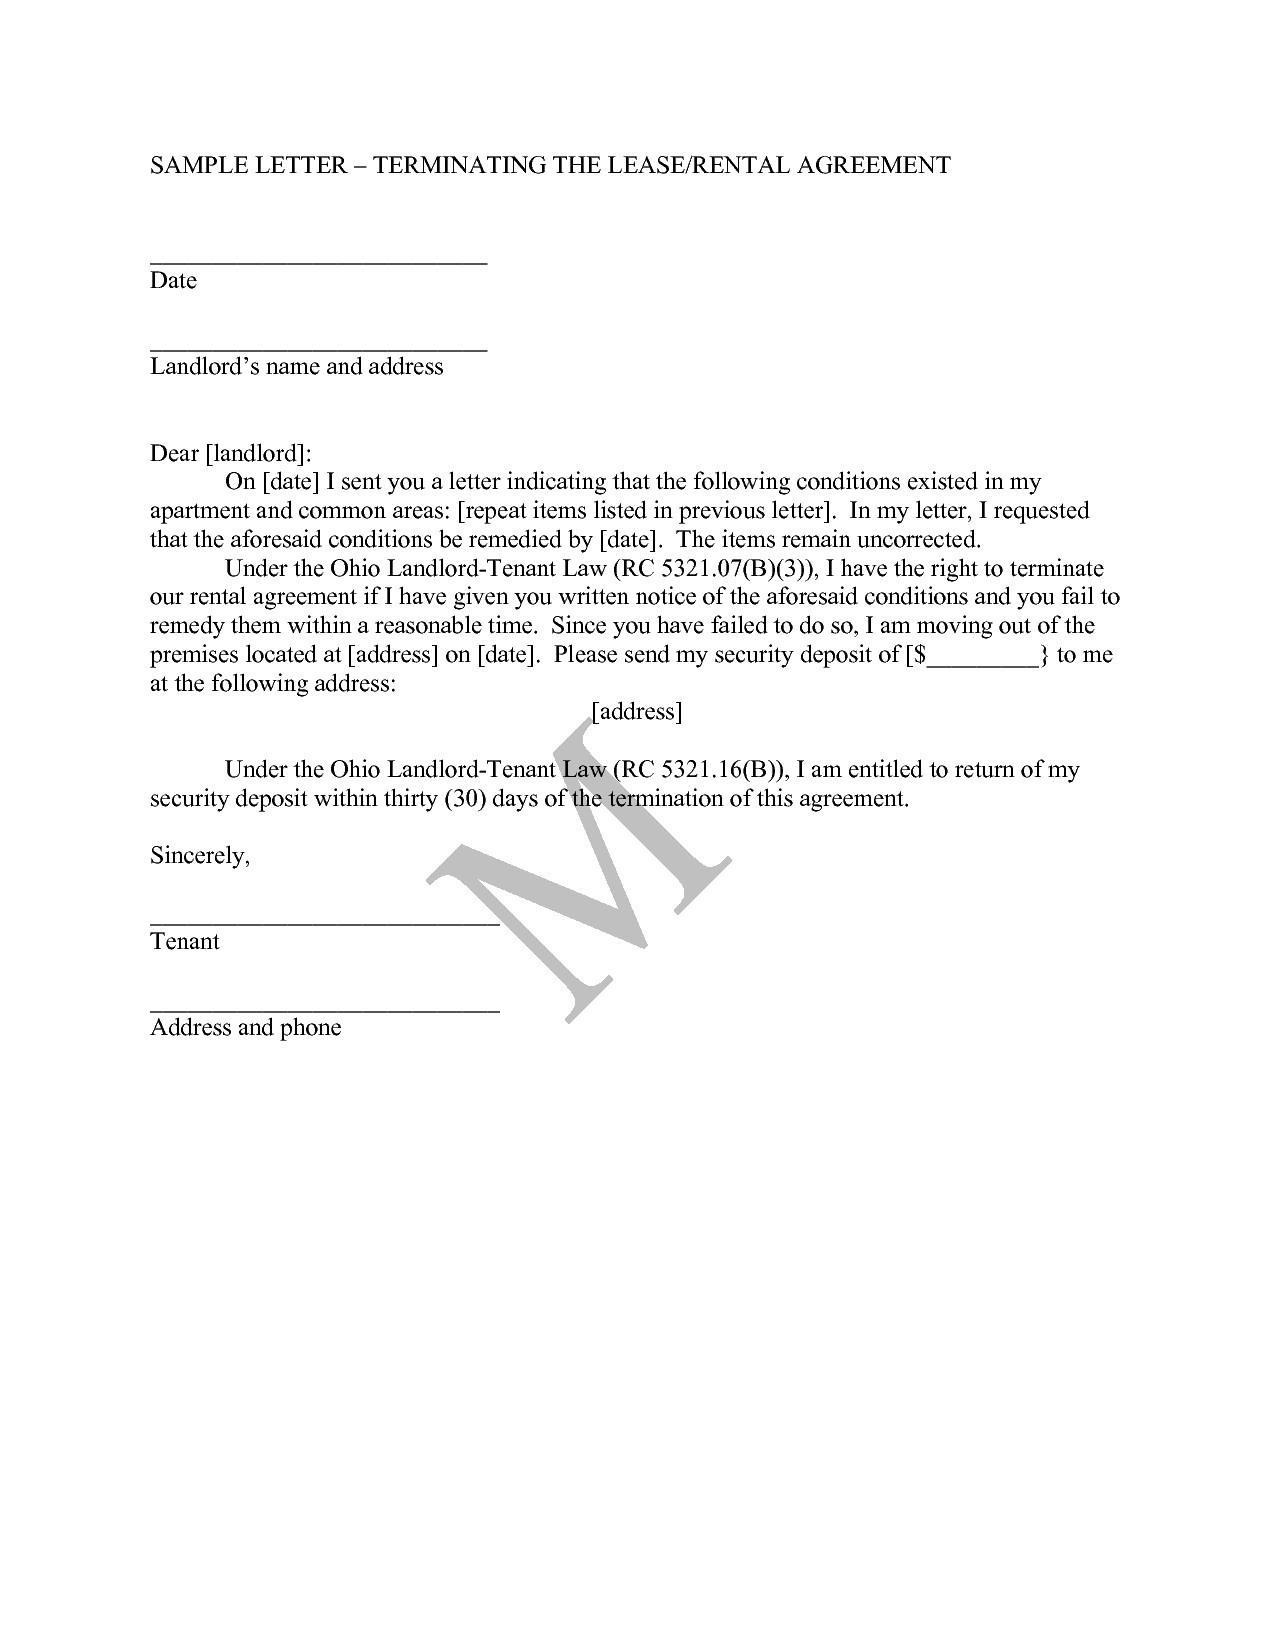 Landlord Agreement Letter Template - Letter format for Agreement Termination Valid Letter format for